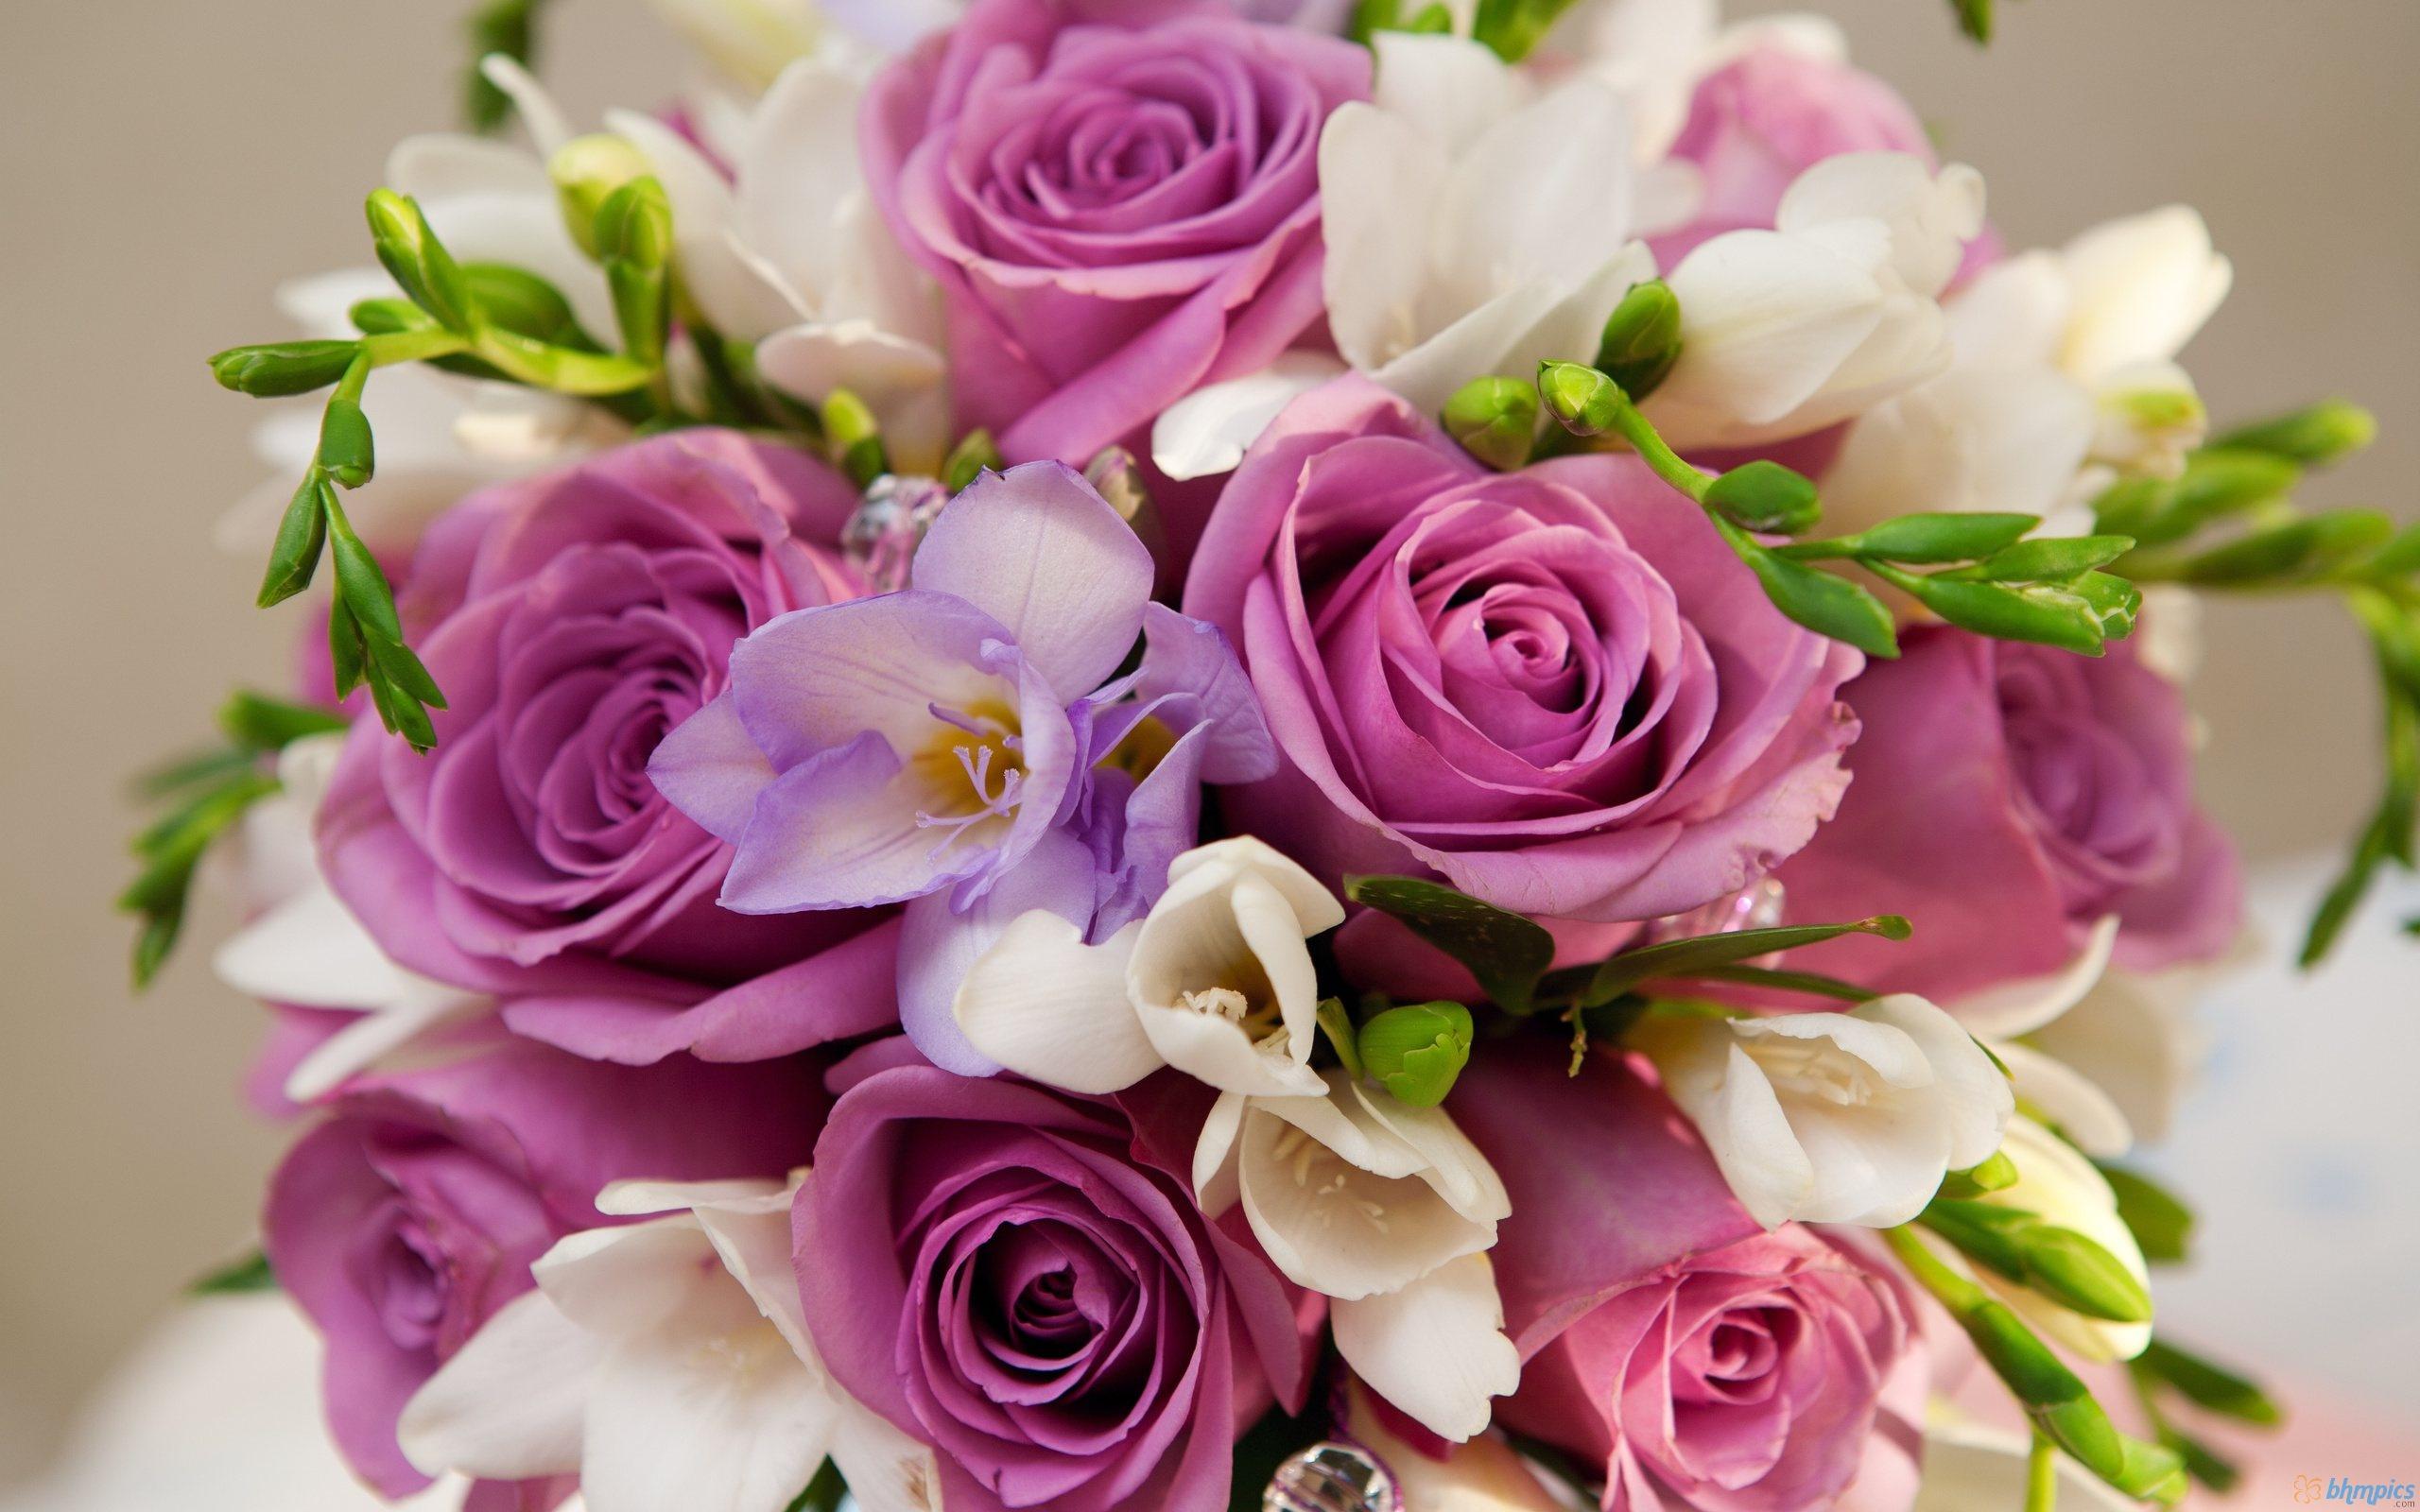 بالصور صور اجمل الورود , ورود برونق خاص 1020 10